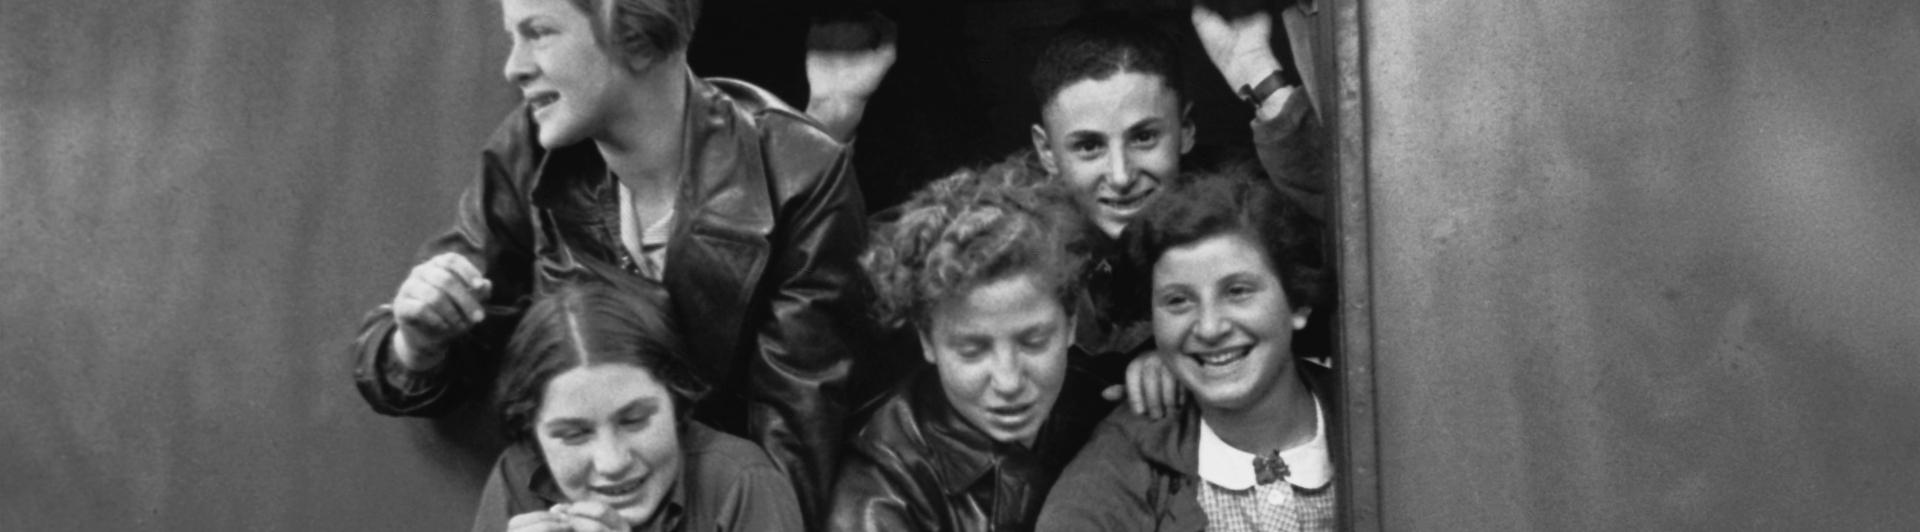 Schwarz-Weiß-Fotografie jugendlicher Jungen und Mädchen, die sich lachend aus einem Zugfenster lehnen